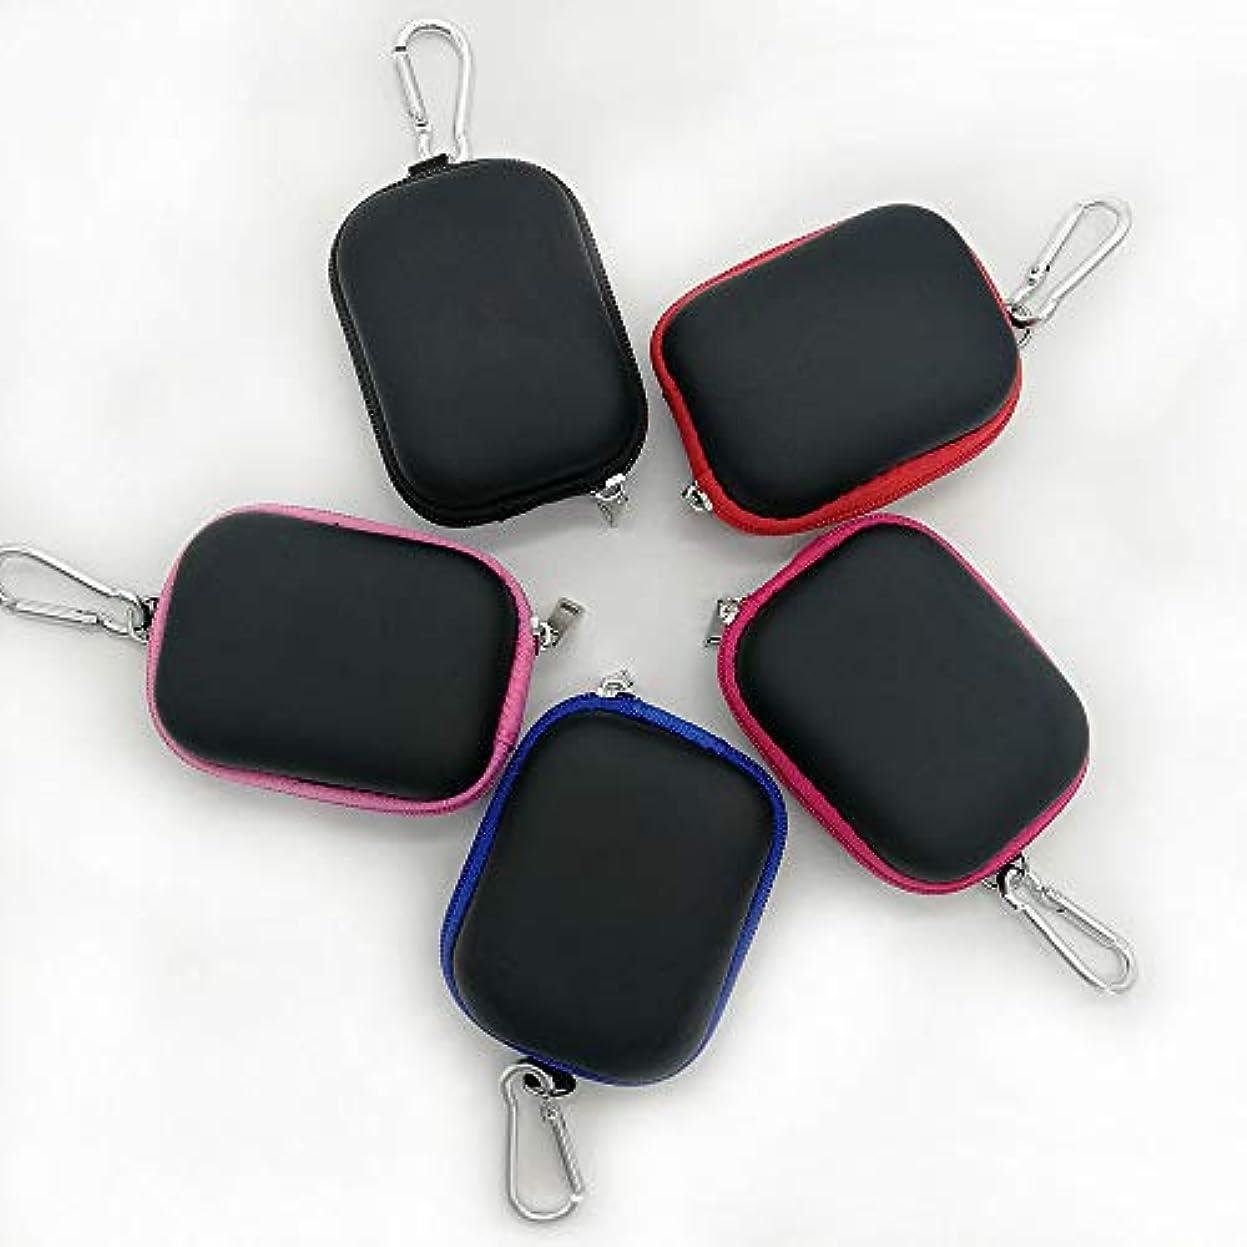 仕様信号エンディングDecdeal ポータブルエッセンシャルオイルバッグ エッセンシャルオイルポーチ 精油ケース エッセンシャルオイル収納袋 6本用 3ML 携帯用 耐震 携帯便利